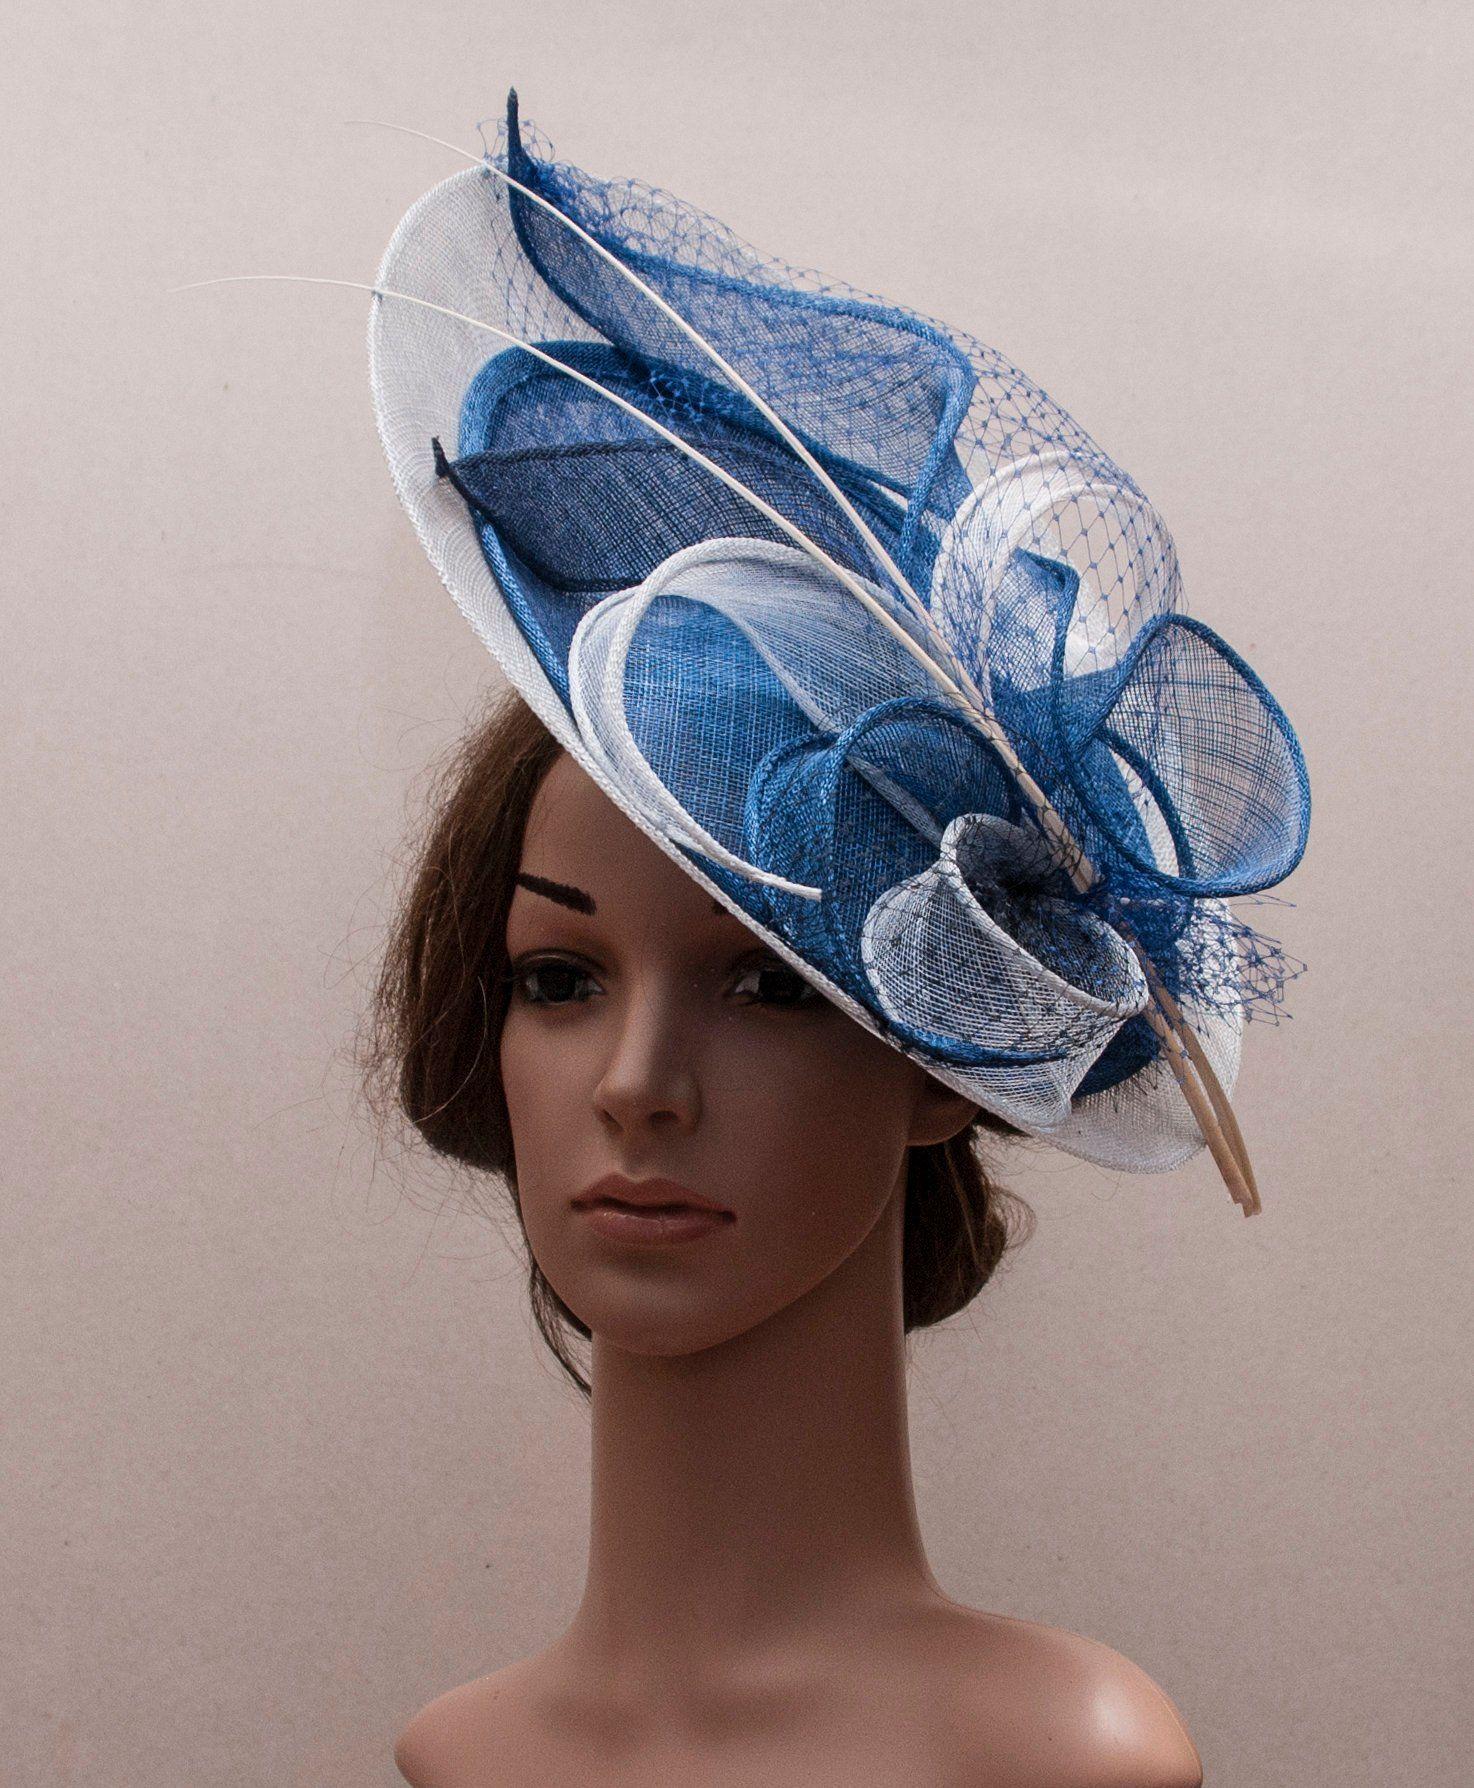 Large serre-tête fascinator chapeau avec aliceband mariage femmes jour de course royal ascot